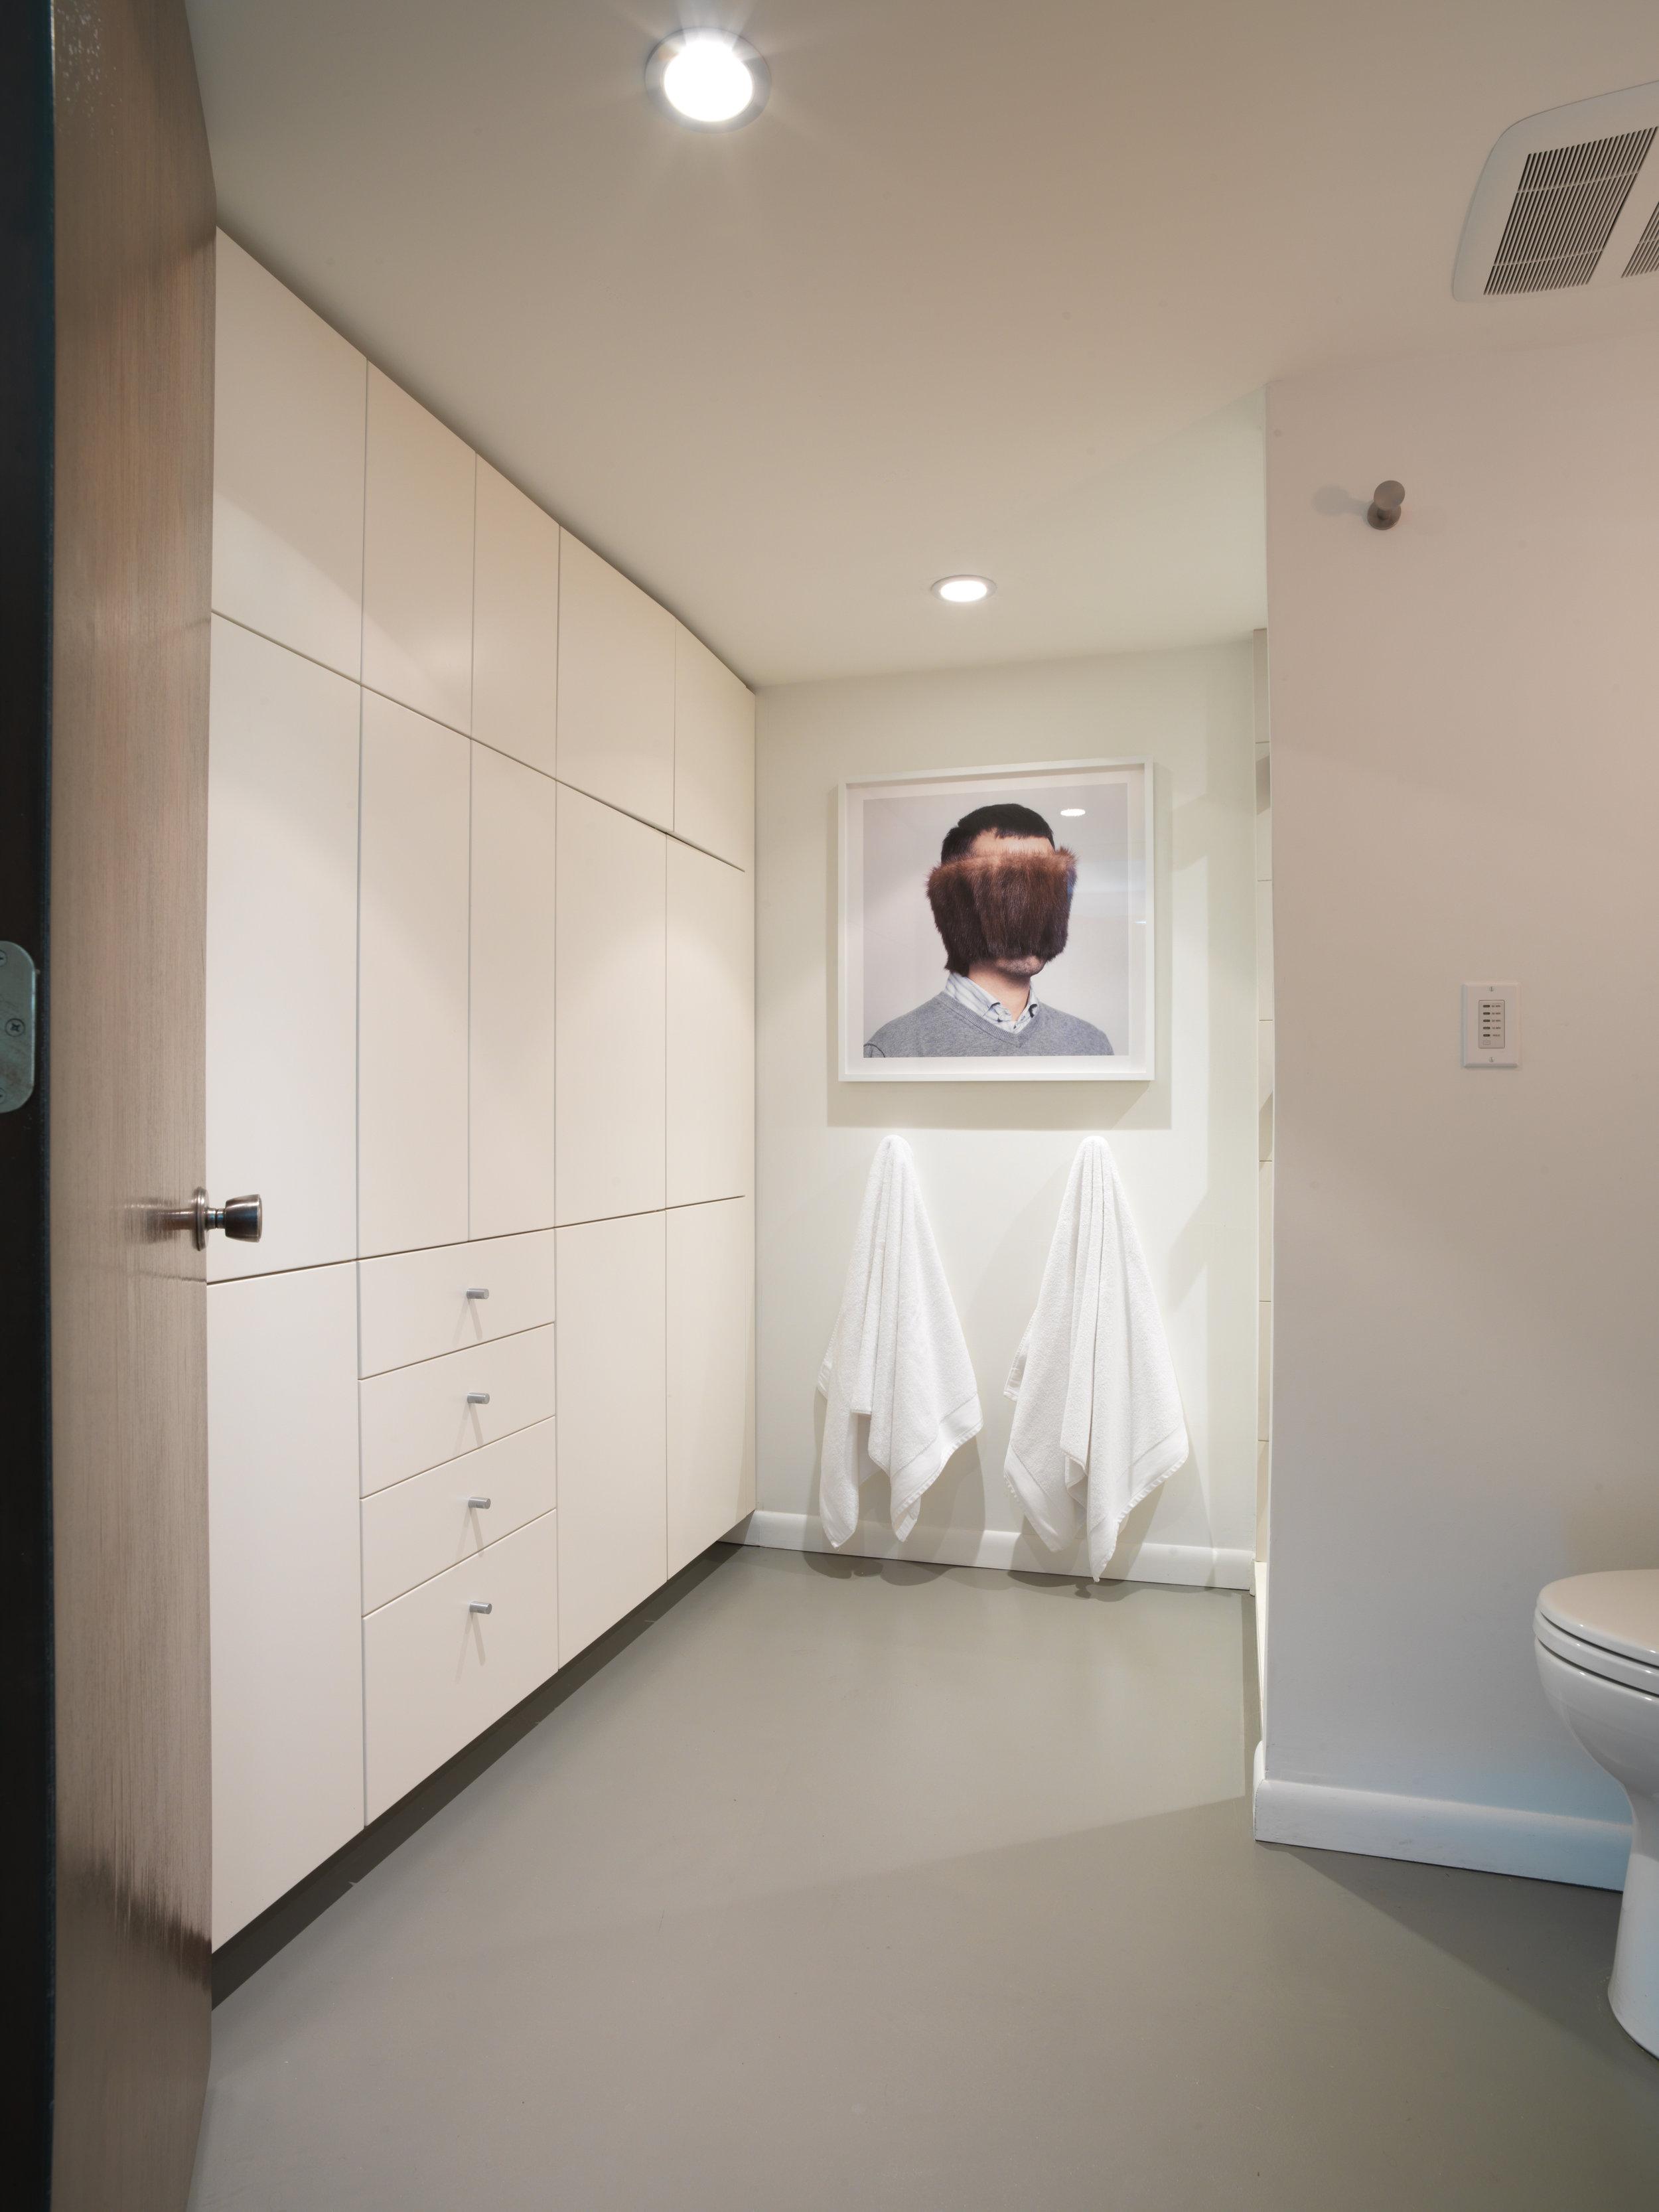 Robert_bathroom_remodel_9567.jpg